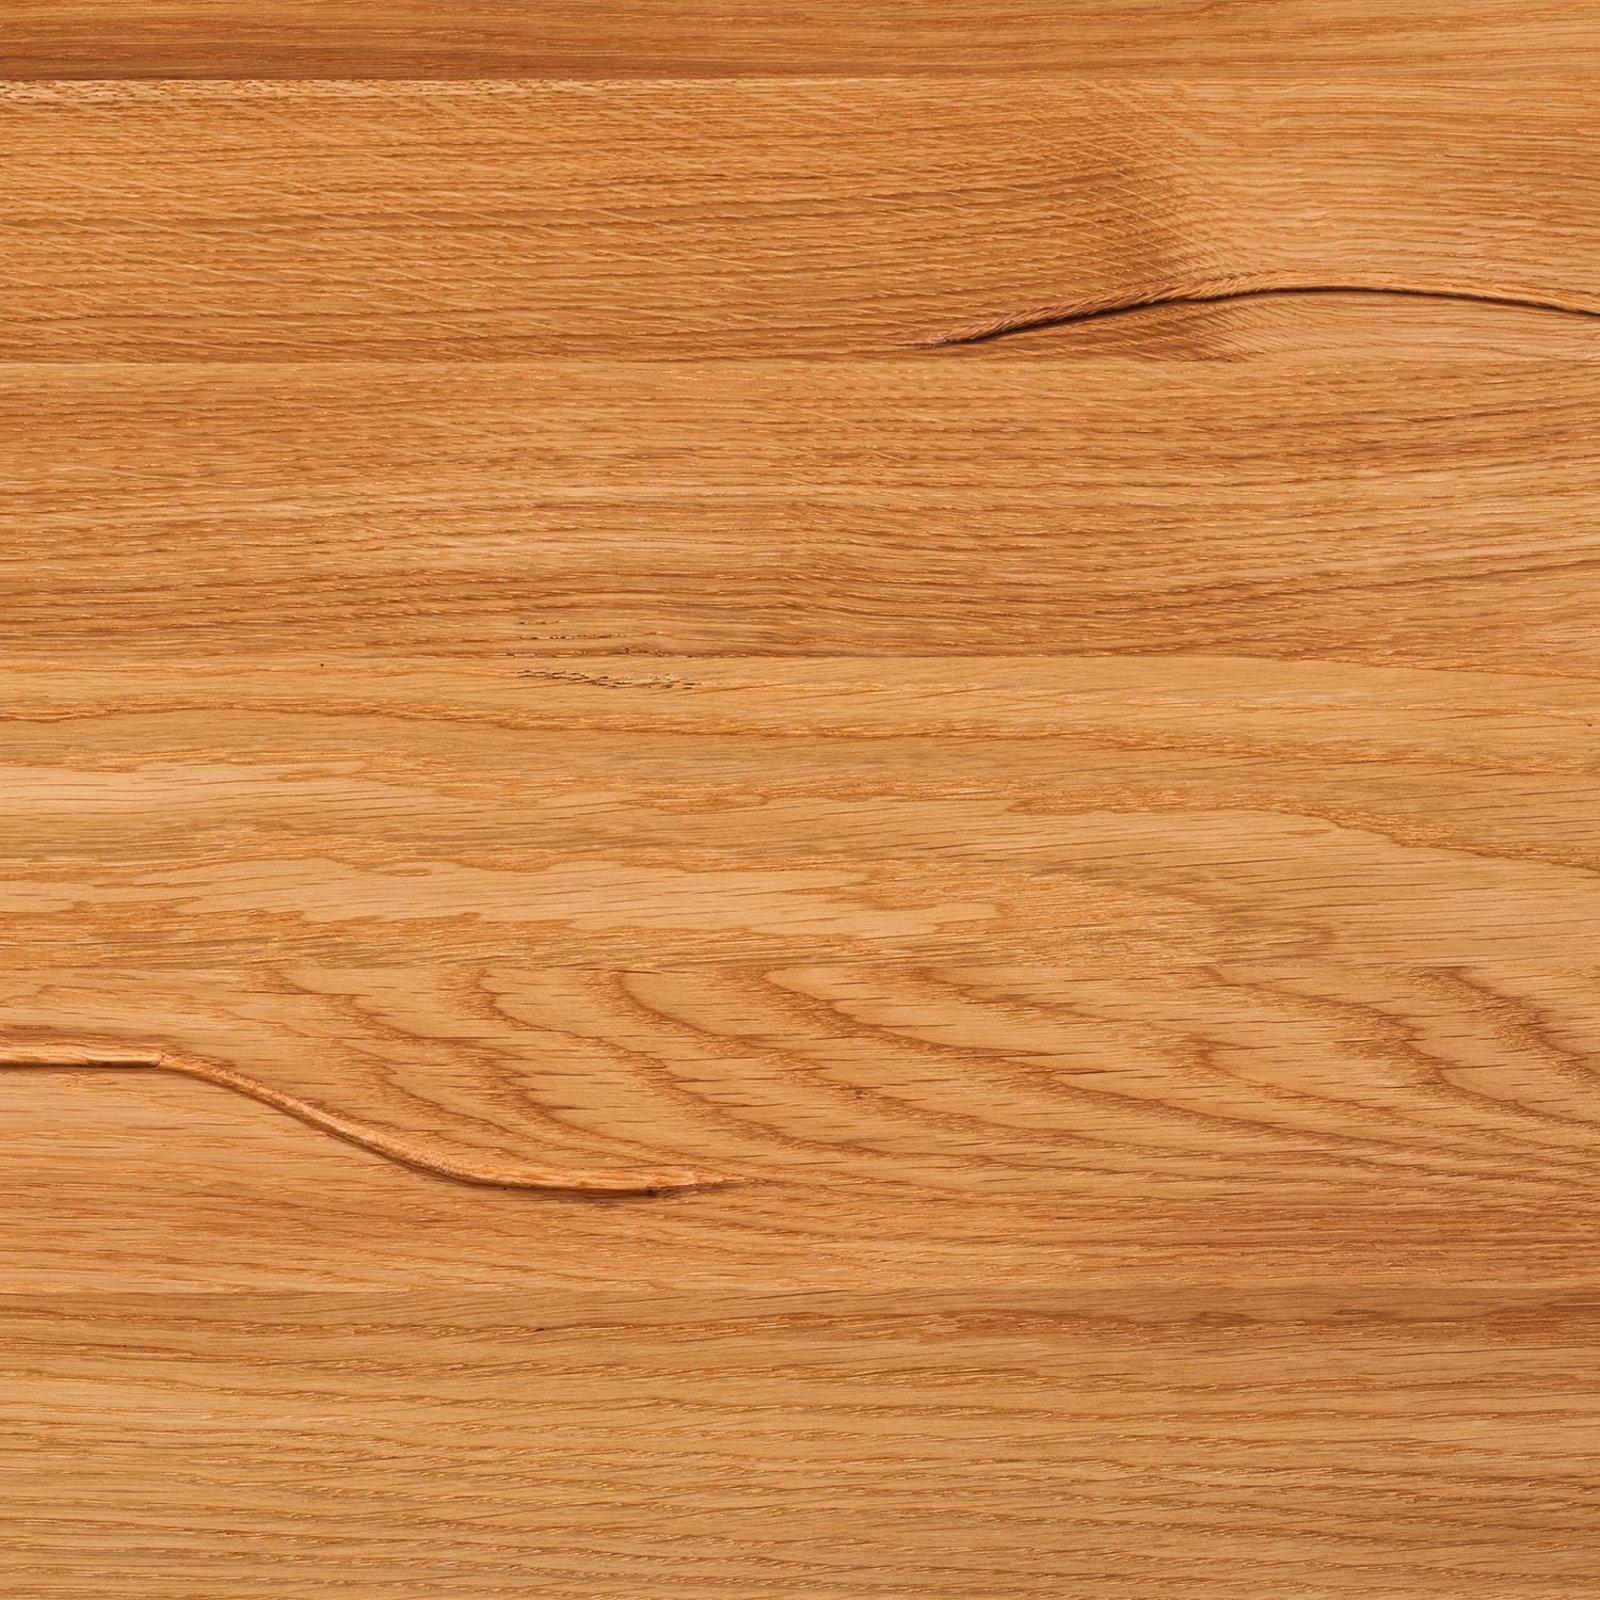 Design Esstisch Eiche Massiv Eisen 200x100 Tisch Küchentisch Holztisch  Esszimmer U2013 Bild 4